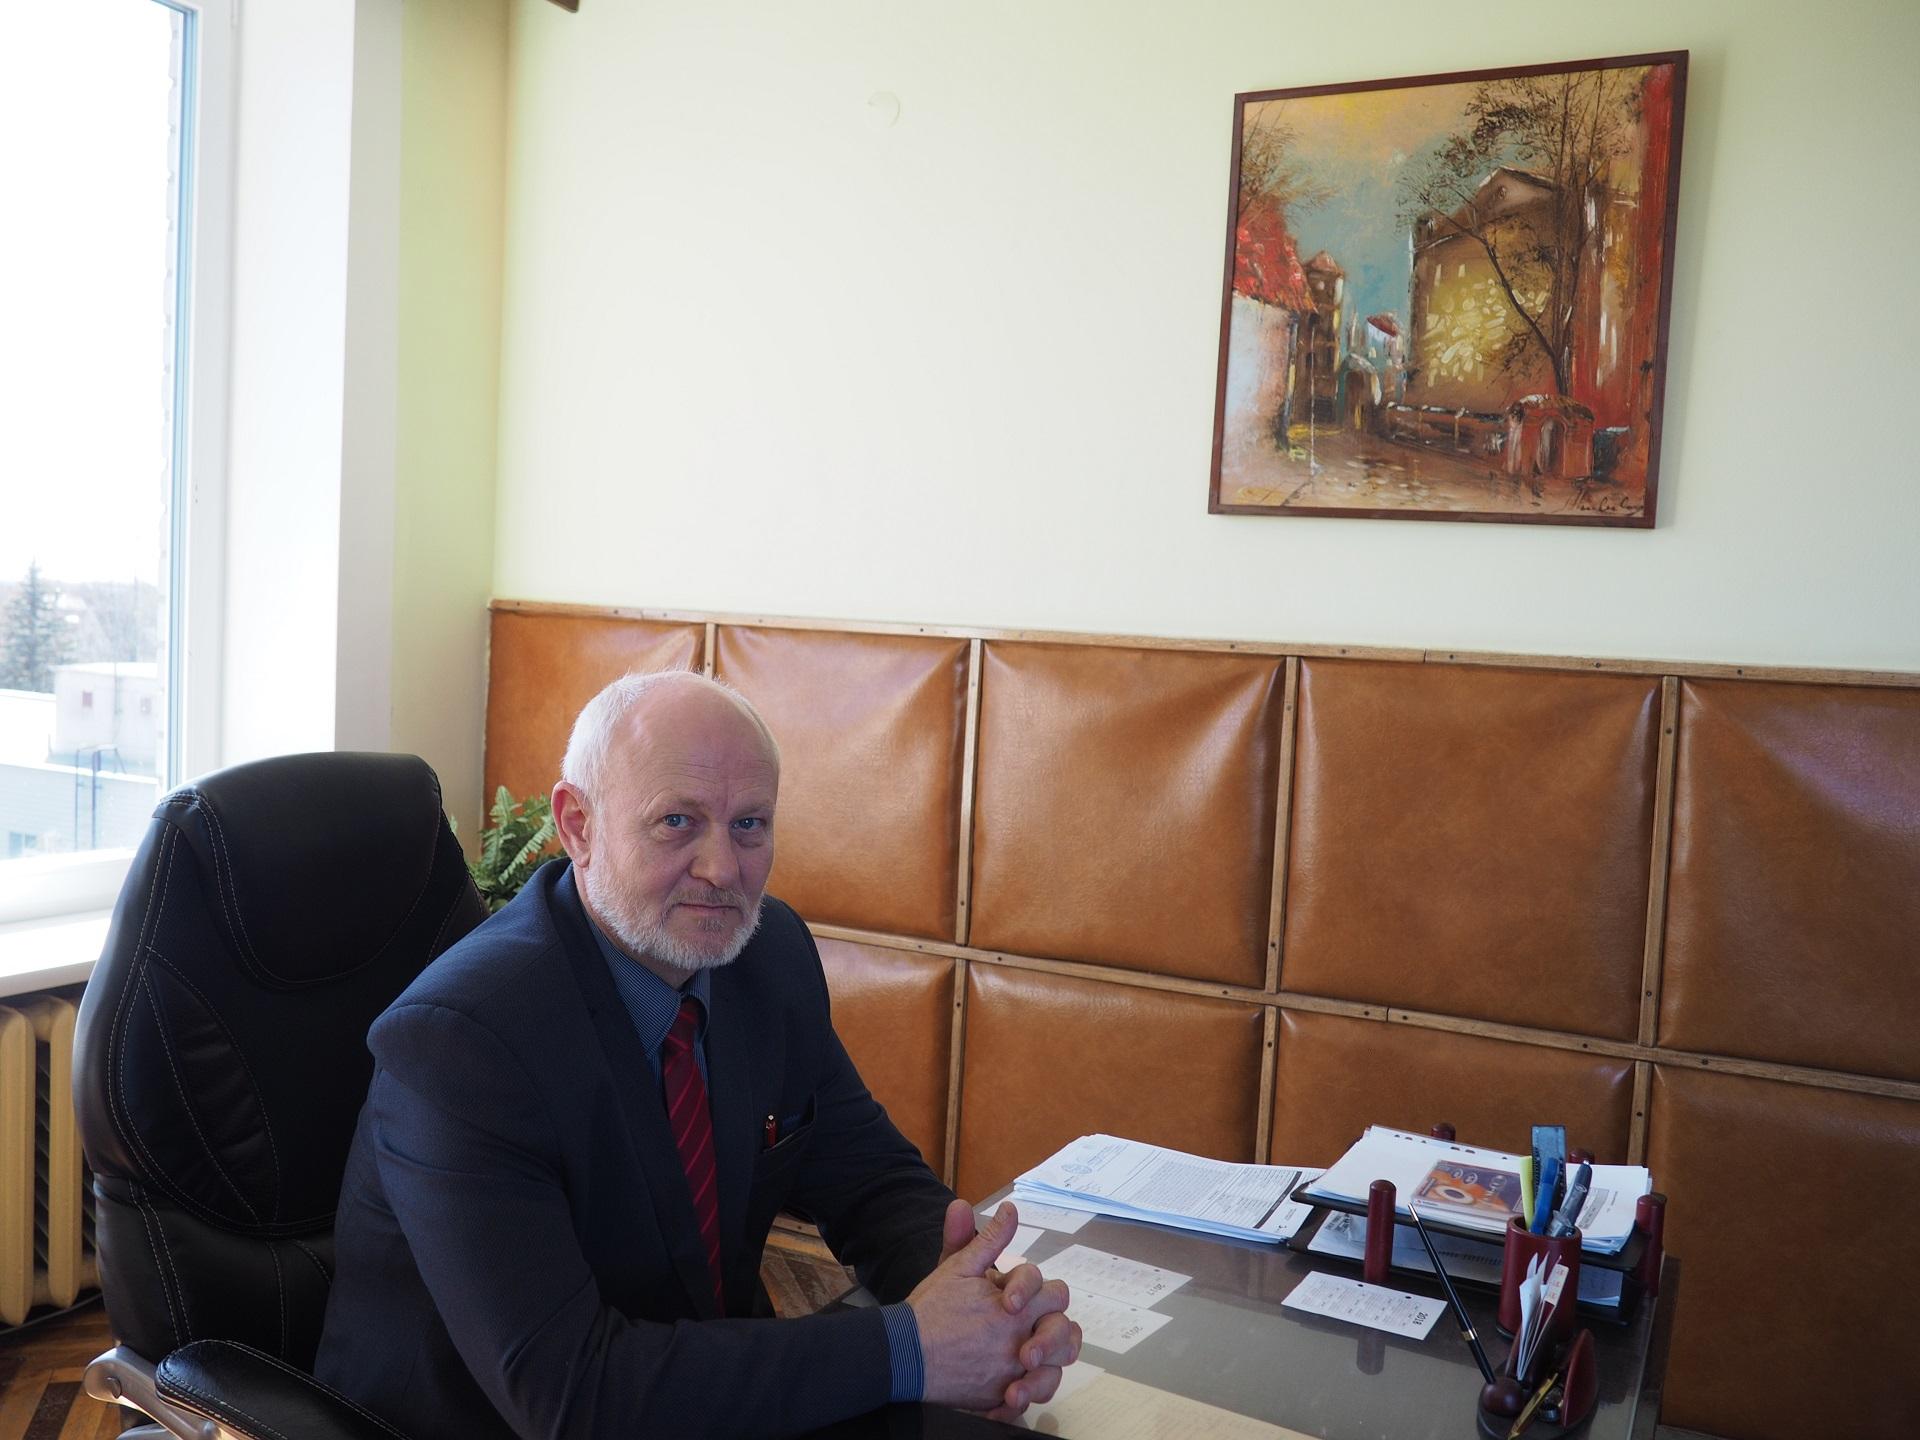 """S. Skauminas: """"Lietuvoje yra apie trisdešimt gydytojų geriatrų – specialistų, dirbančių su senstančia visuomene, o tai – labai mažas skaičius, niekaip negalintis patenkinti šiandieninio poreikio."""""""